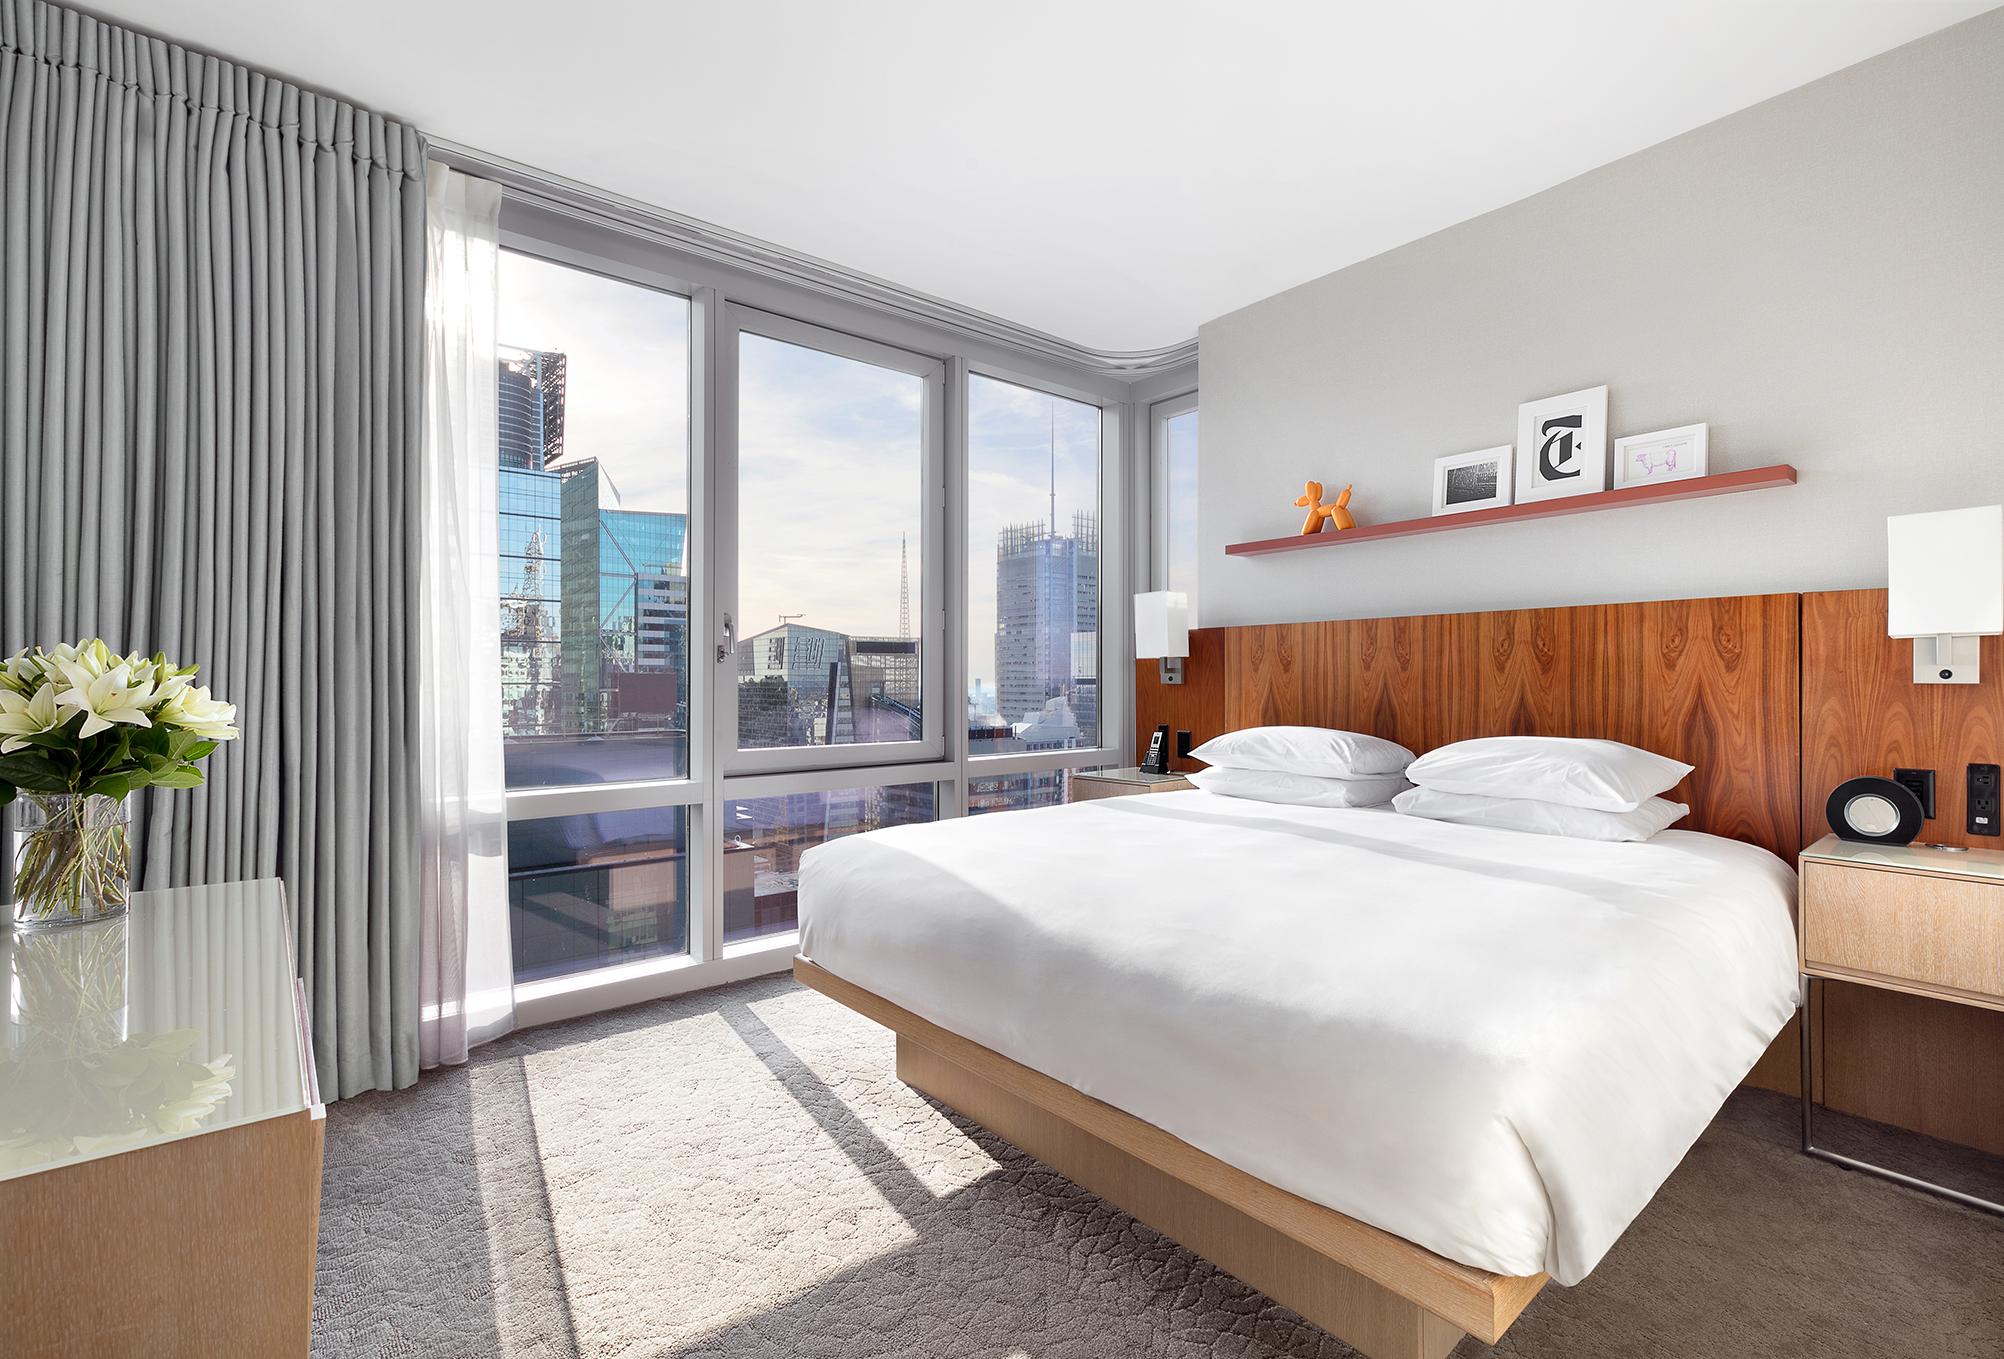 https://www.hotelsbyday.com/_data/default-hotel_image/1/7048/deluxe-view-suite-bedroom-lores.jpg